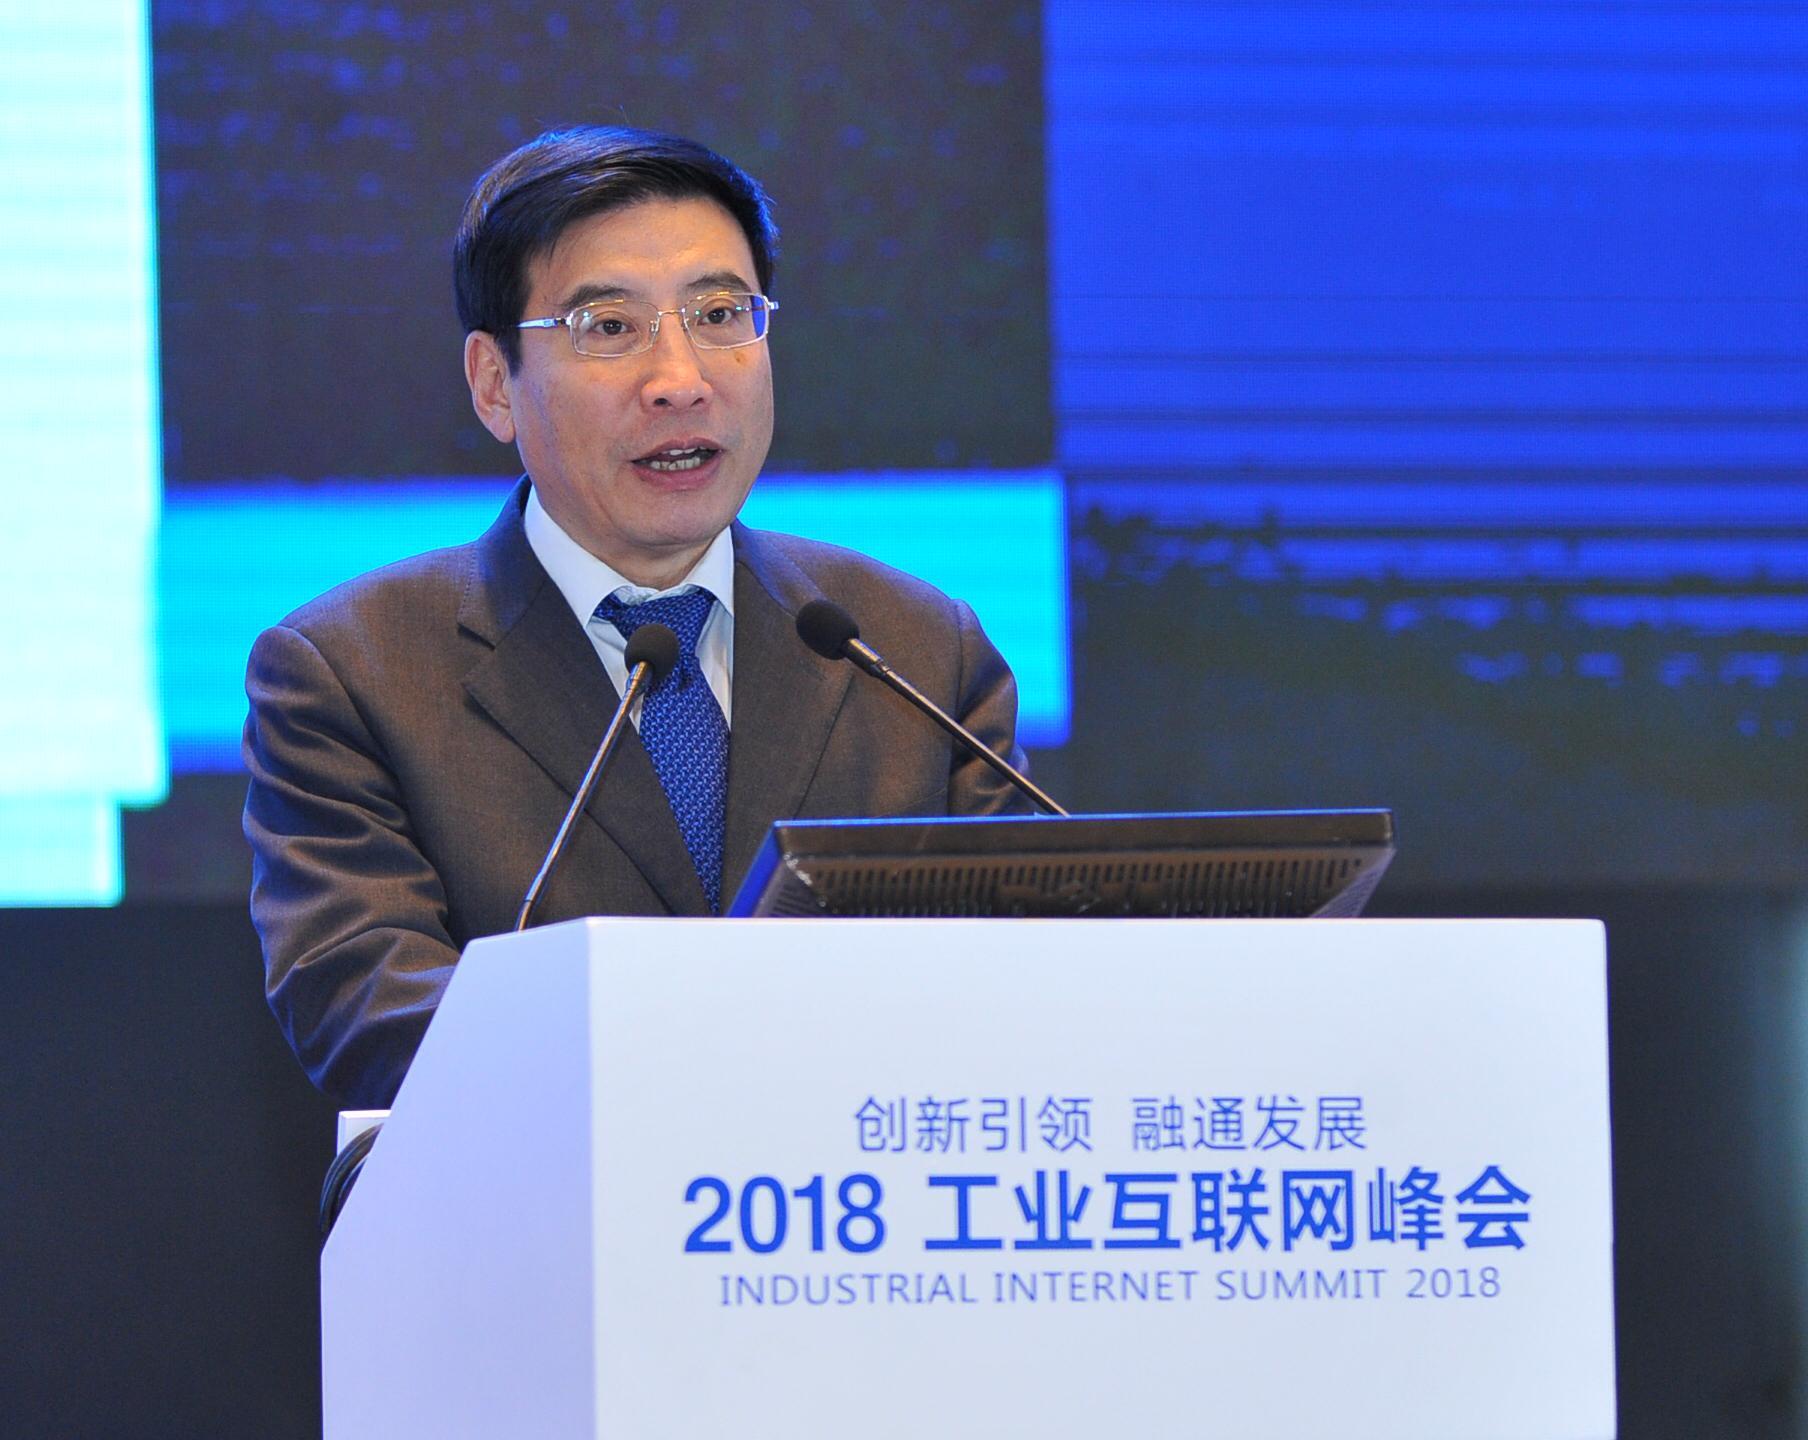 2018工业互联网峰会在京隆重召开